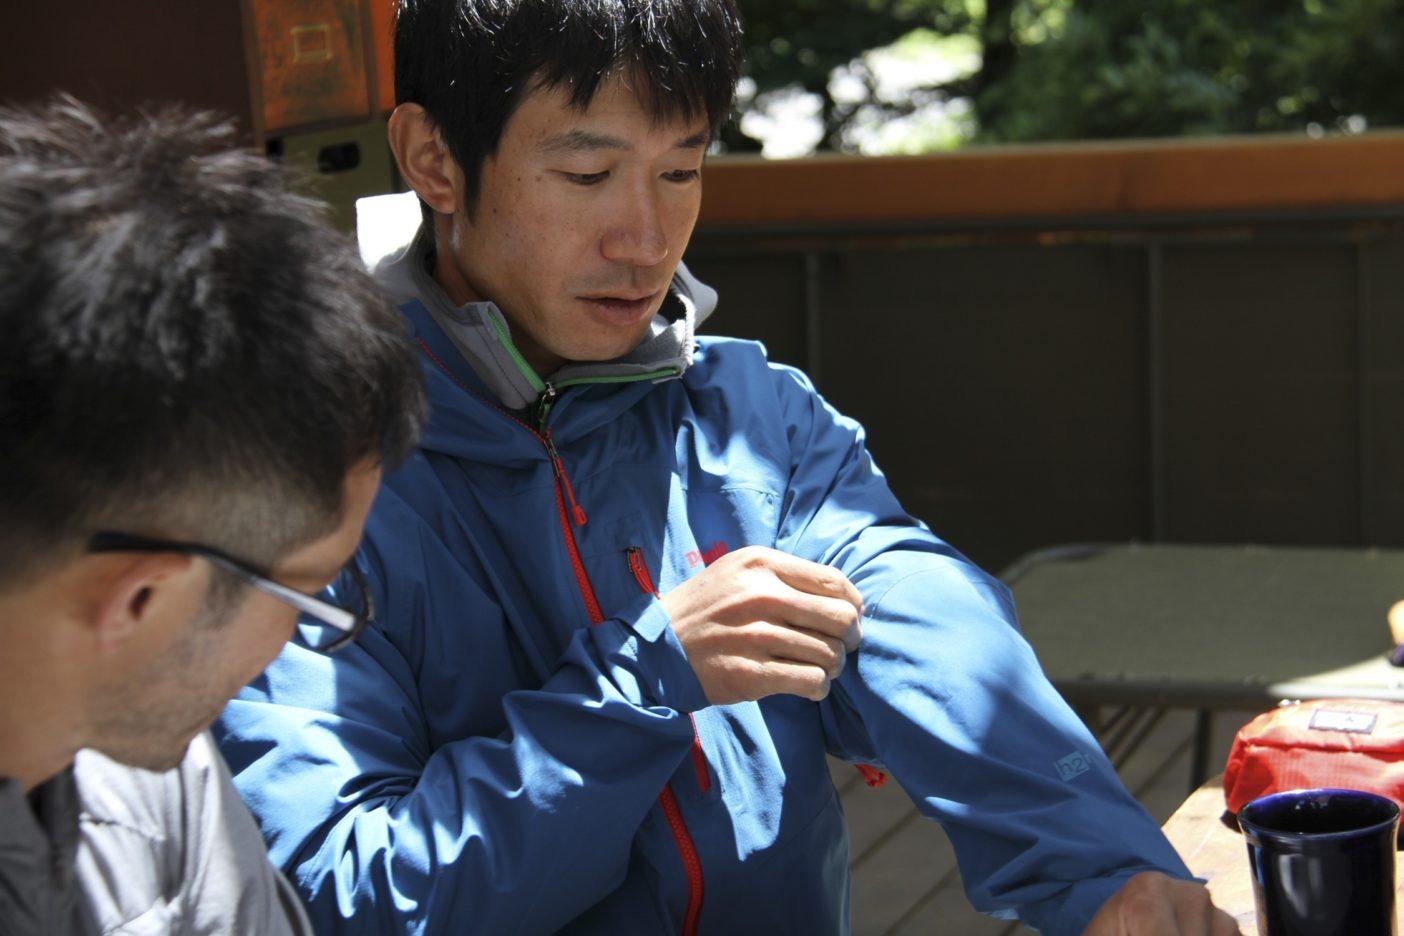 雨のために作られたウェア、クラウド・リッジ・ジャケット&パンツ:日本の山から着想を得て